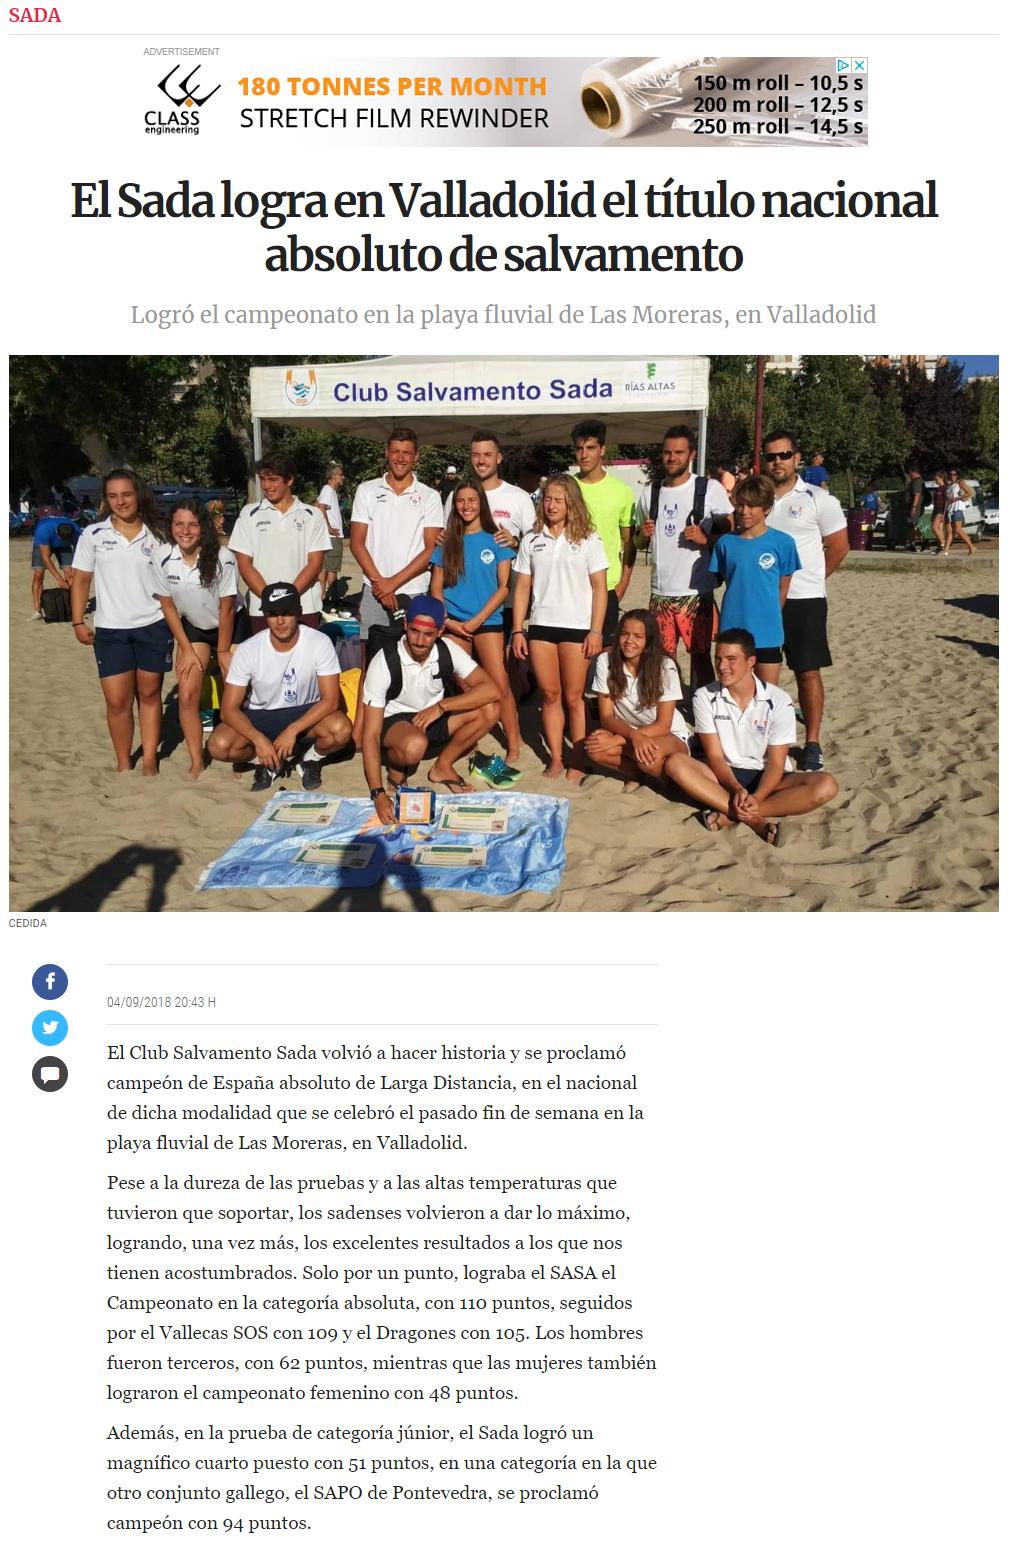 LA VOZ DE GALICIA 05-09-18